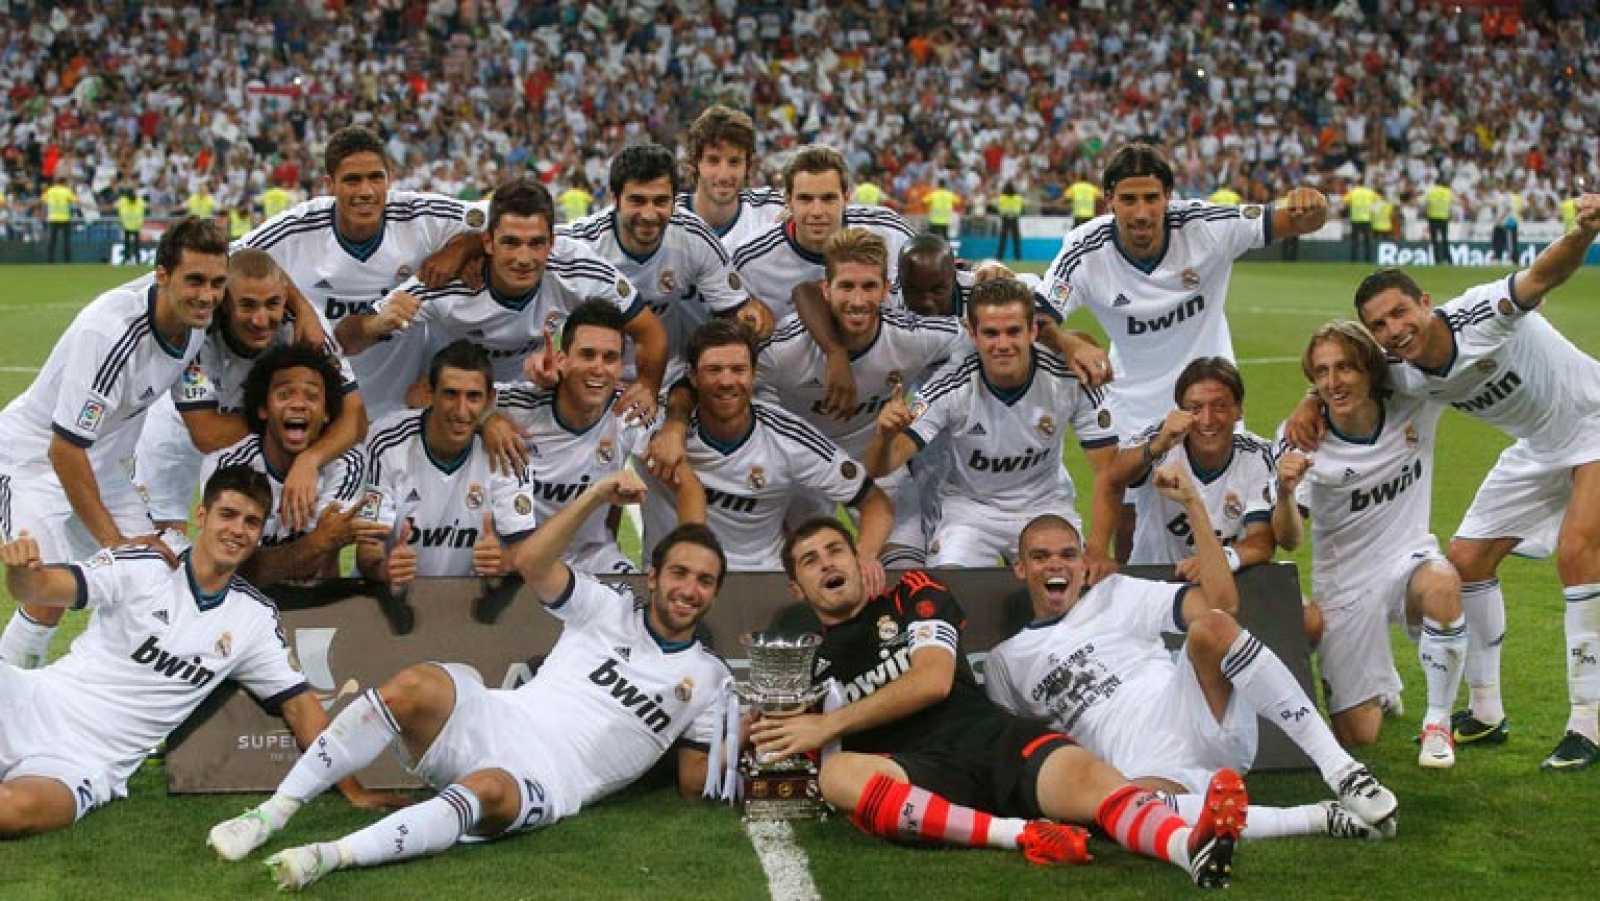 El vigente campeón de Liga se impone por 2-1 al FC Barcelona en el Bernabéu y da valor a los dos goles anotados en la ida en el Camp Nou (3-2) para alzar el primer título de la temporada.